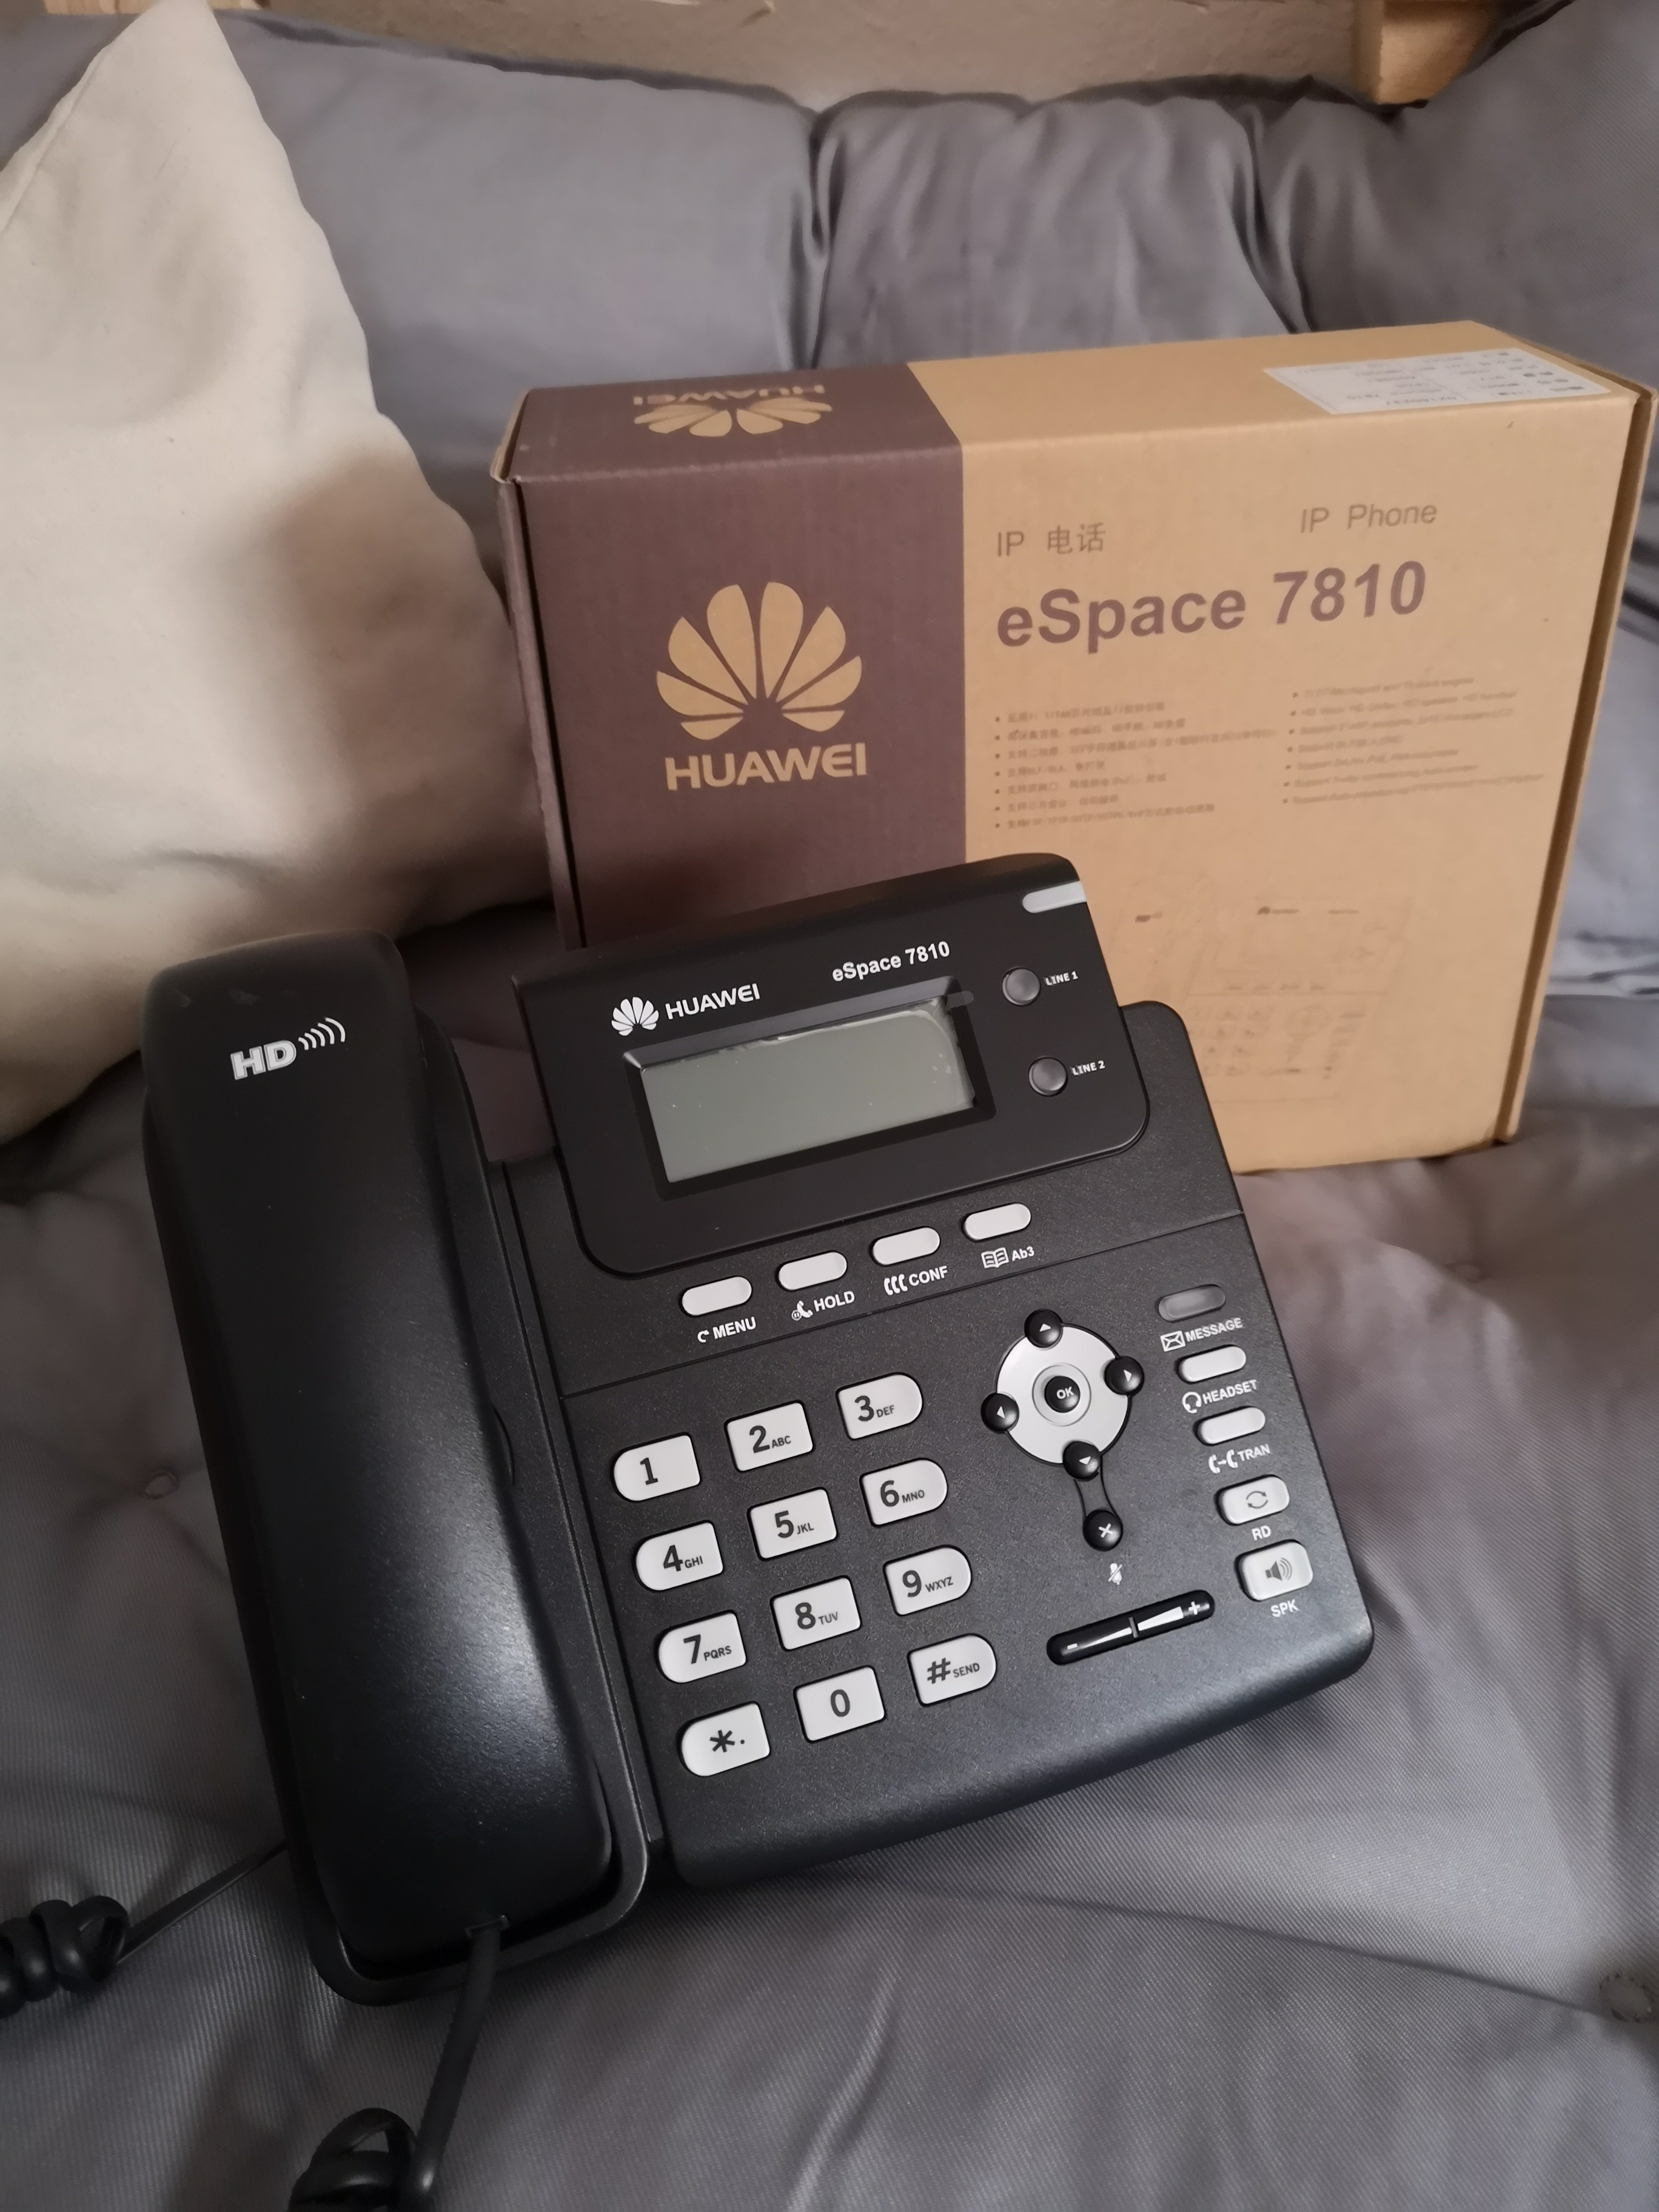 Huawei eSpace 7810 Landline Phones Est. Original Retail €1,800, Manises, ES